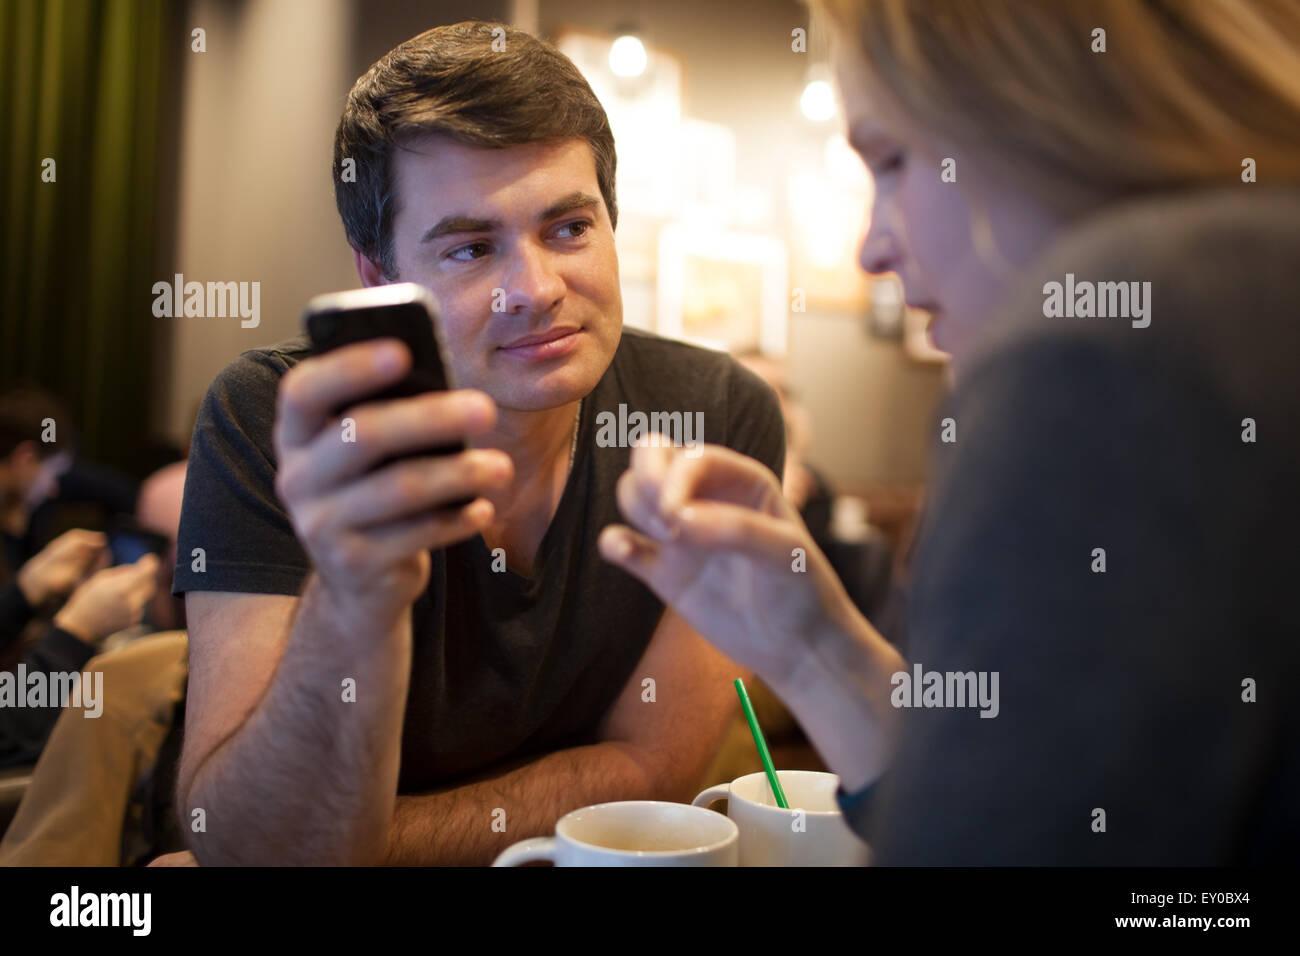 L'homme à l'aide de téléphone mobile pendant une réunion avec girl in cafe Photo Stock